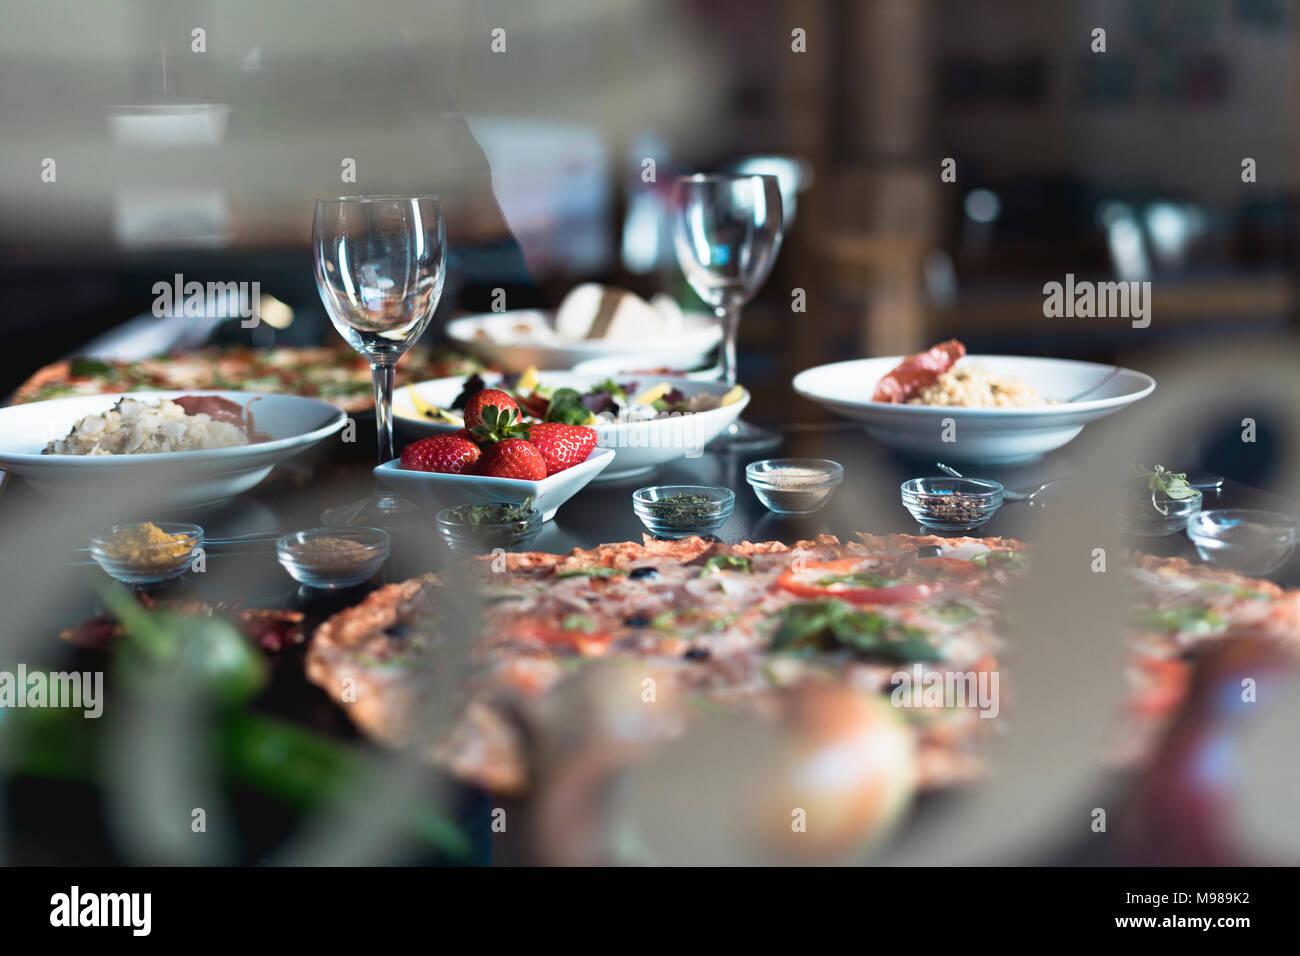 Italienische Küche, Pizza, Salate und Snacks. Stockbild